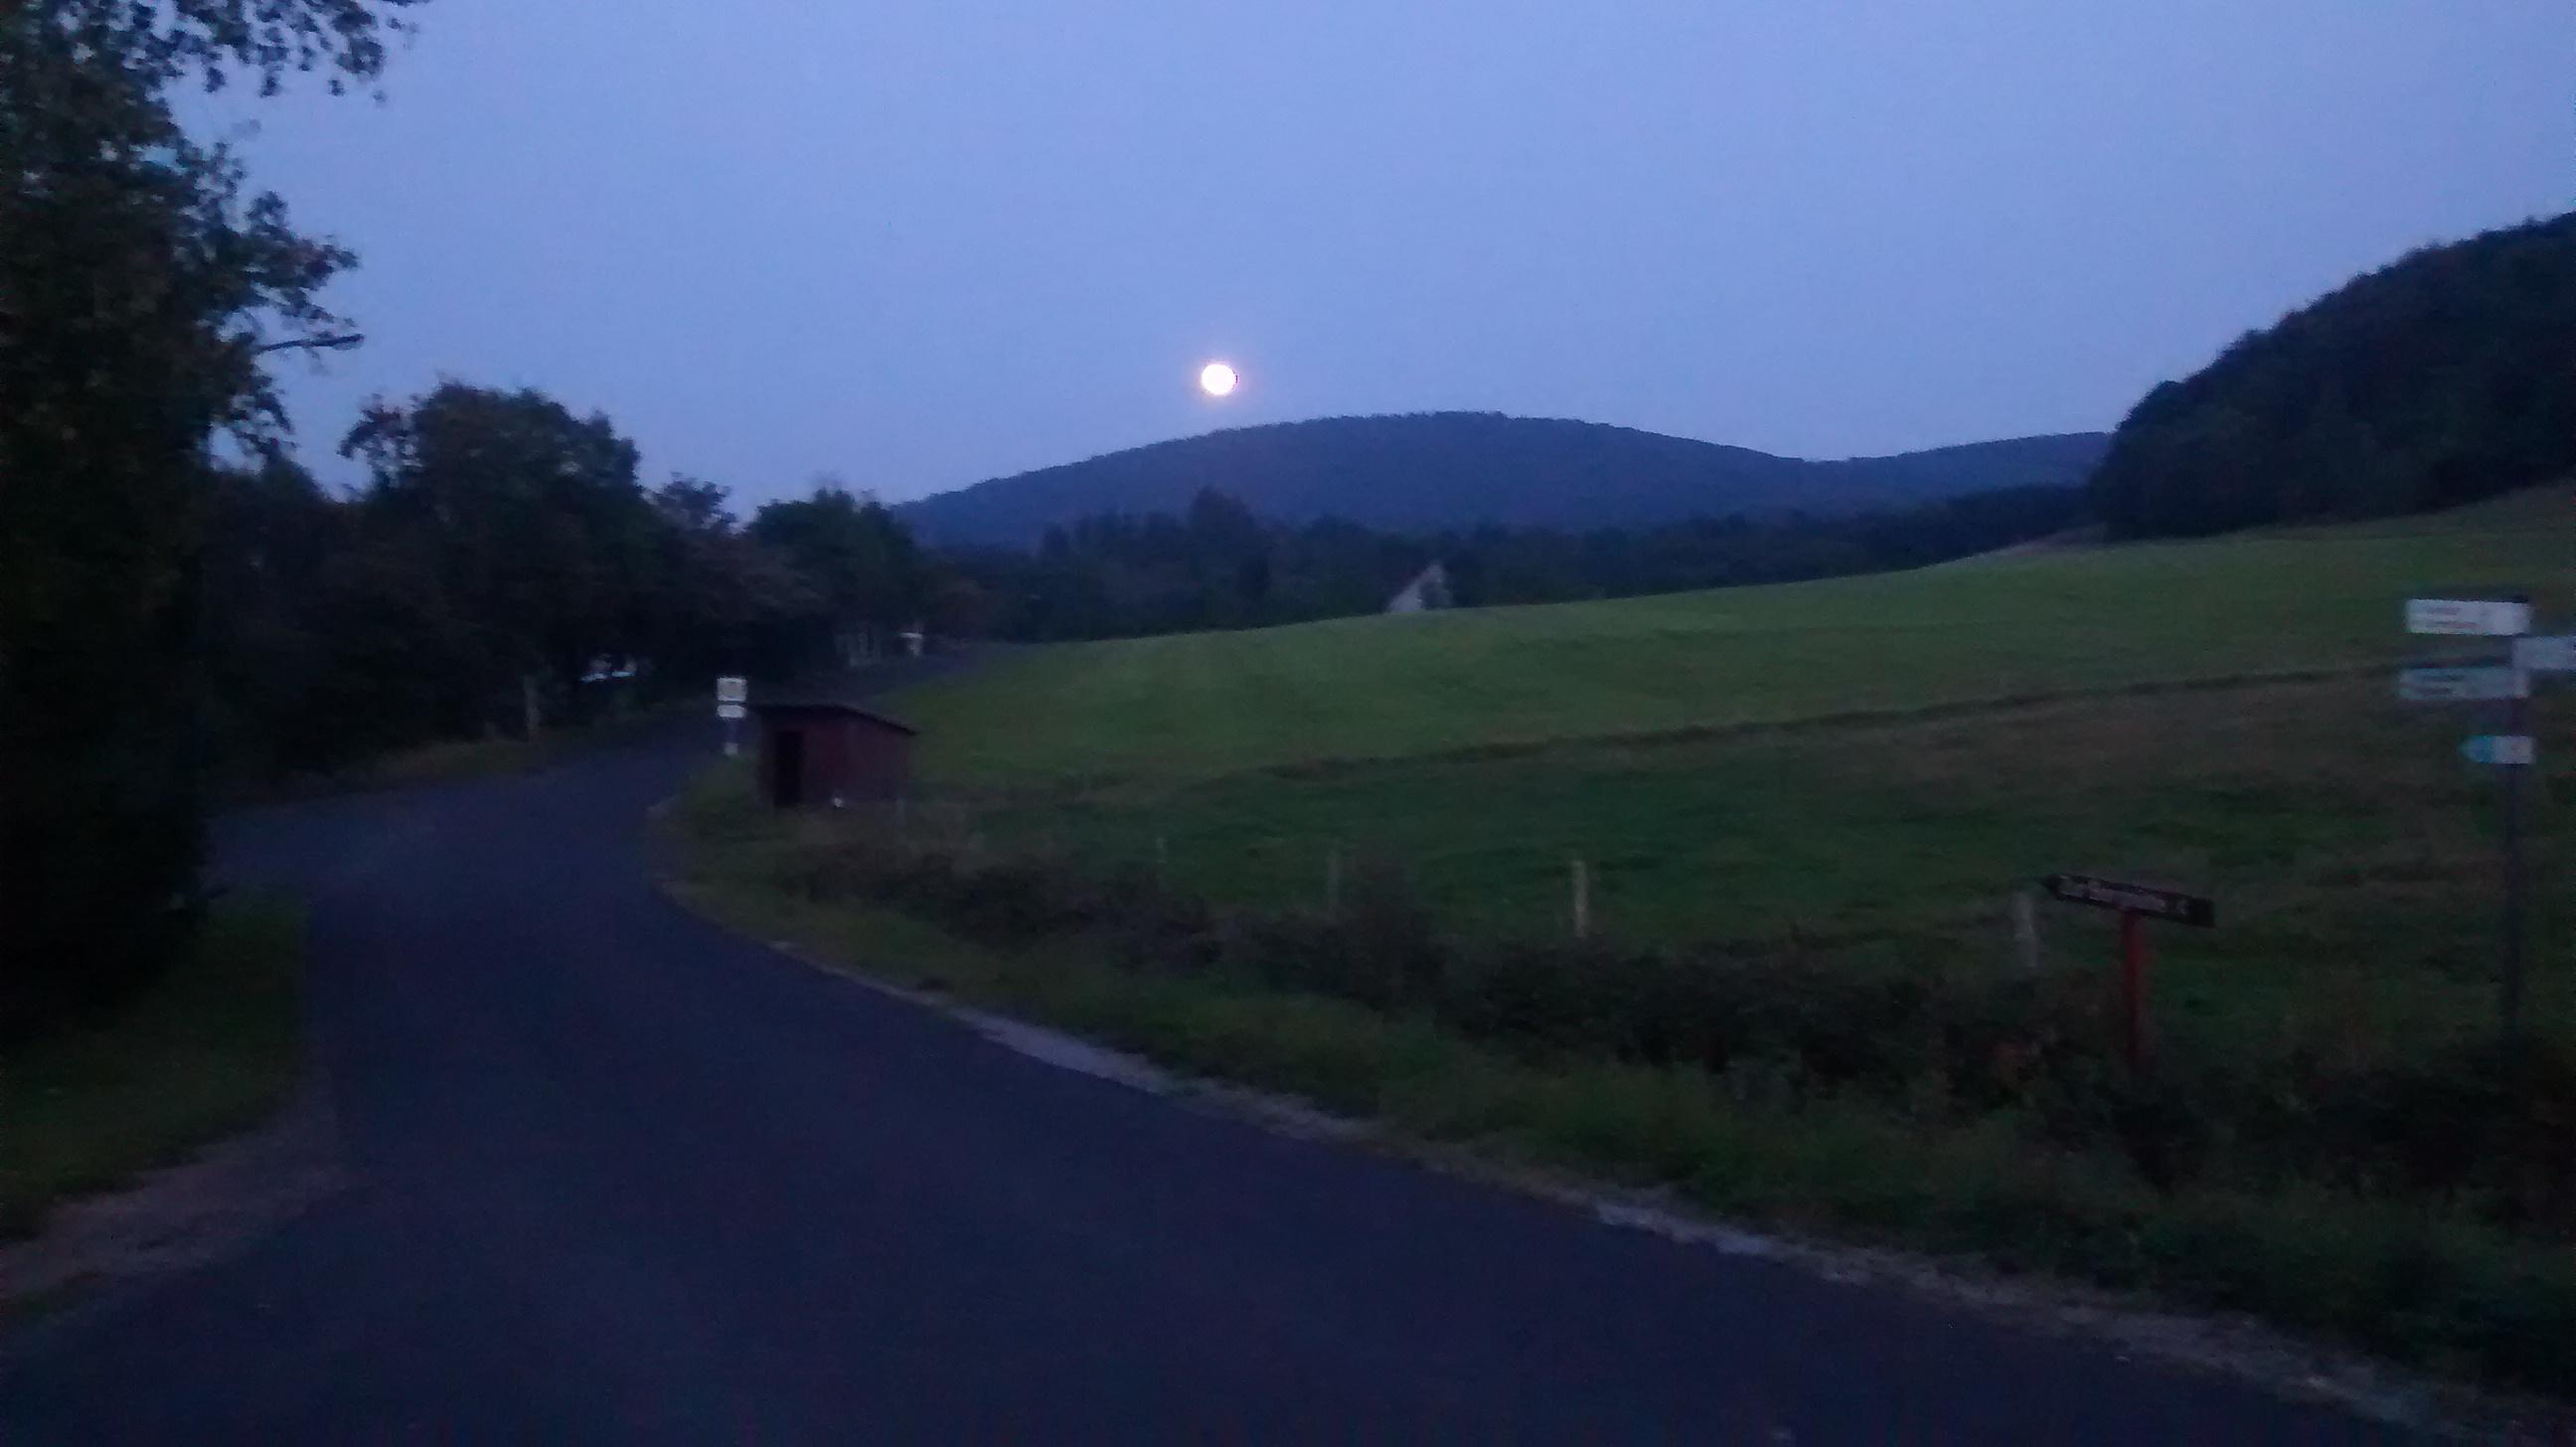 Mondaufgang am Simmelsberg